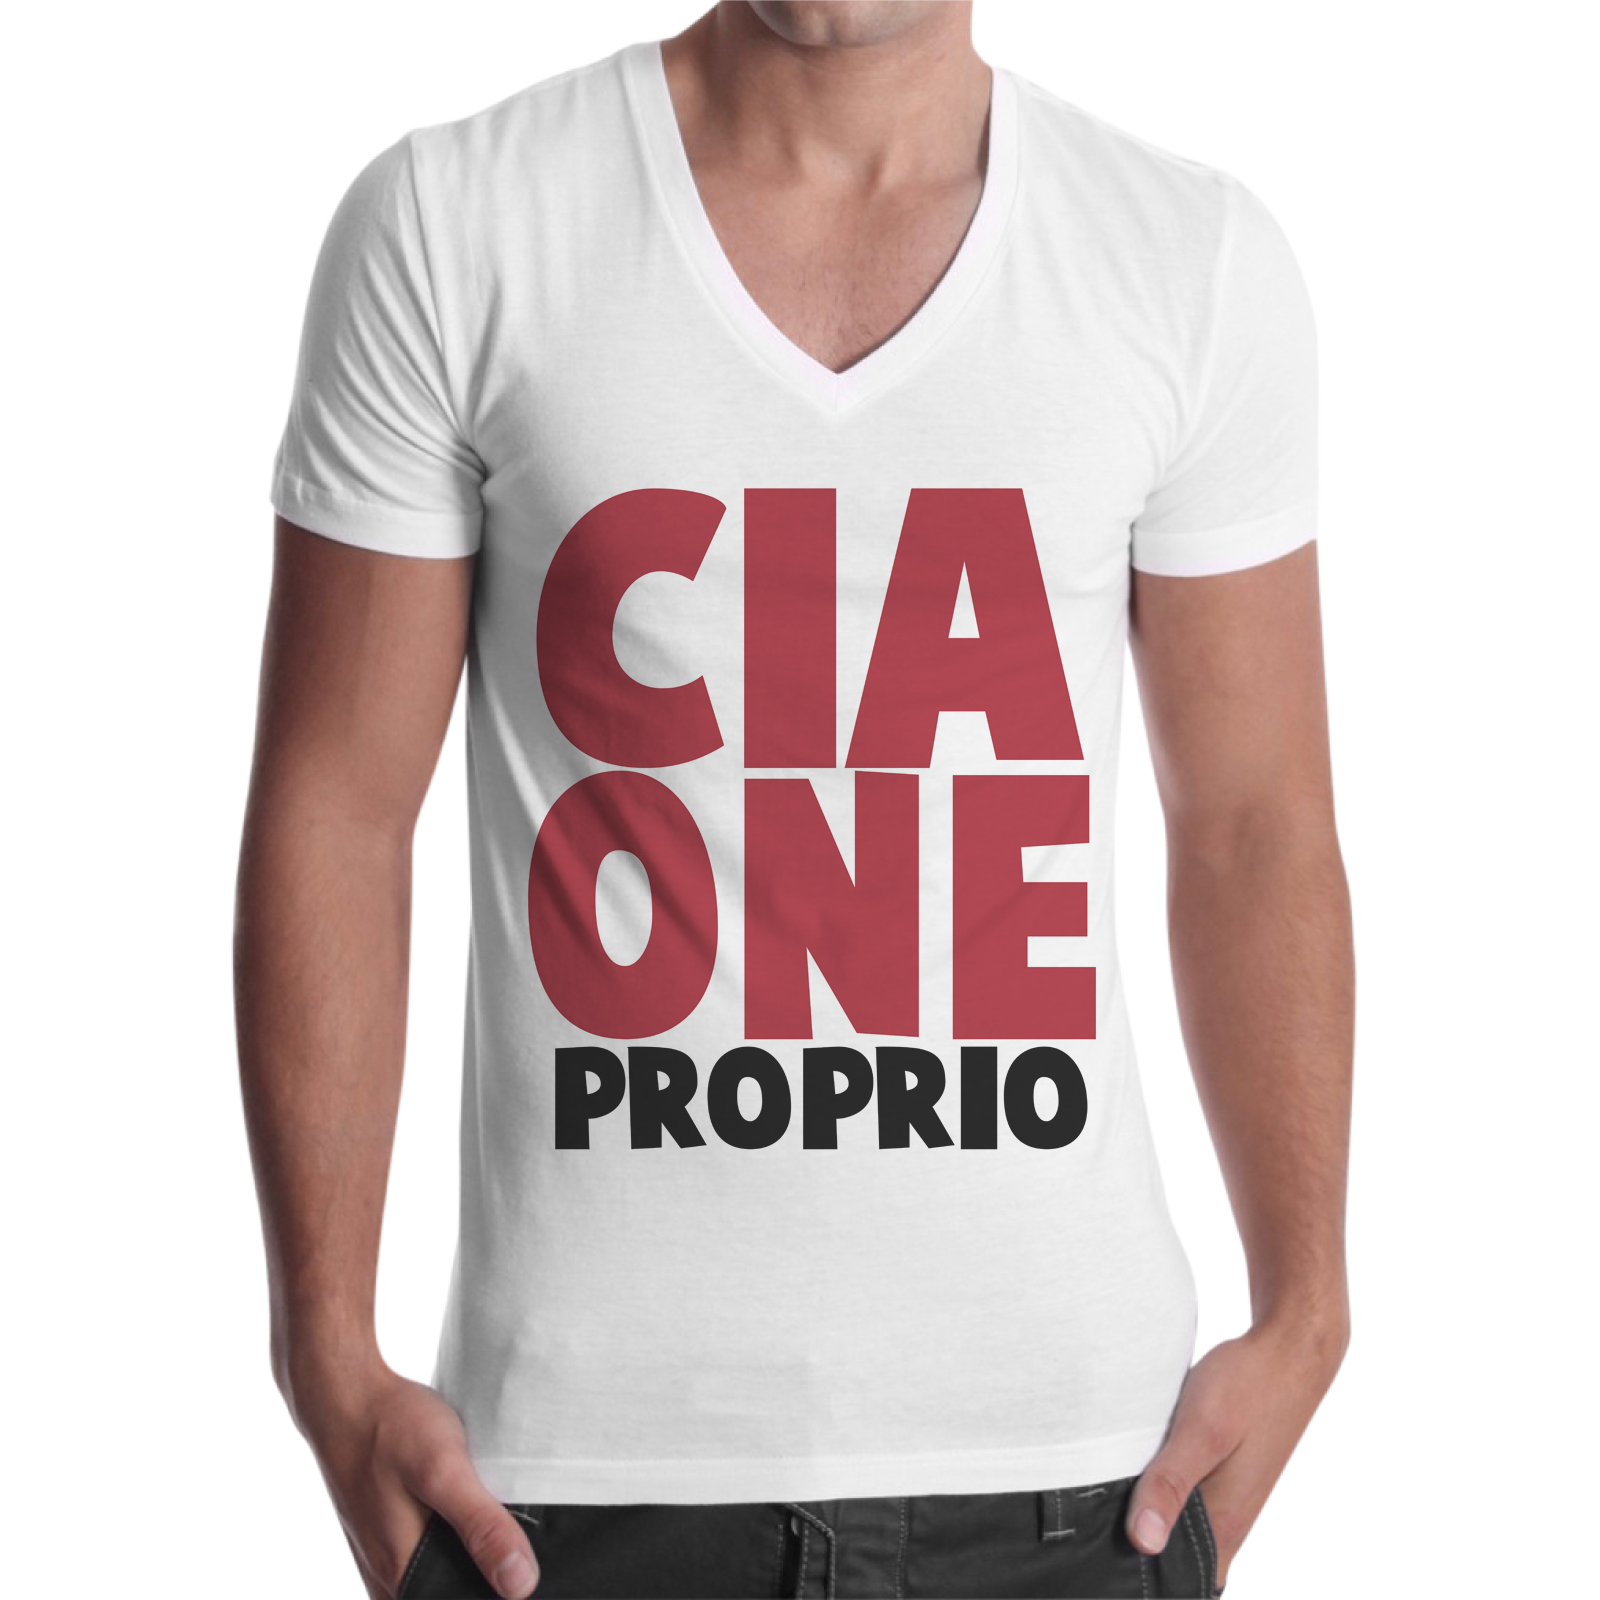 T-Shirt Uomo Scollo V CIAONE PROPRIO